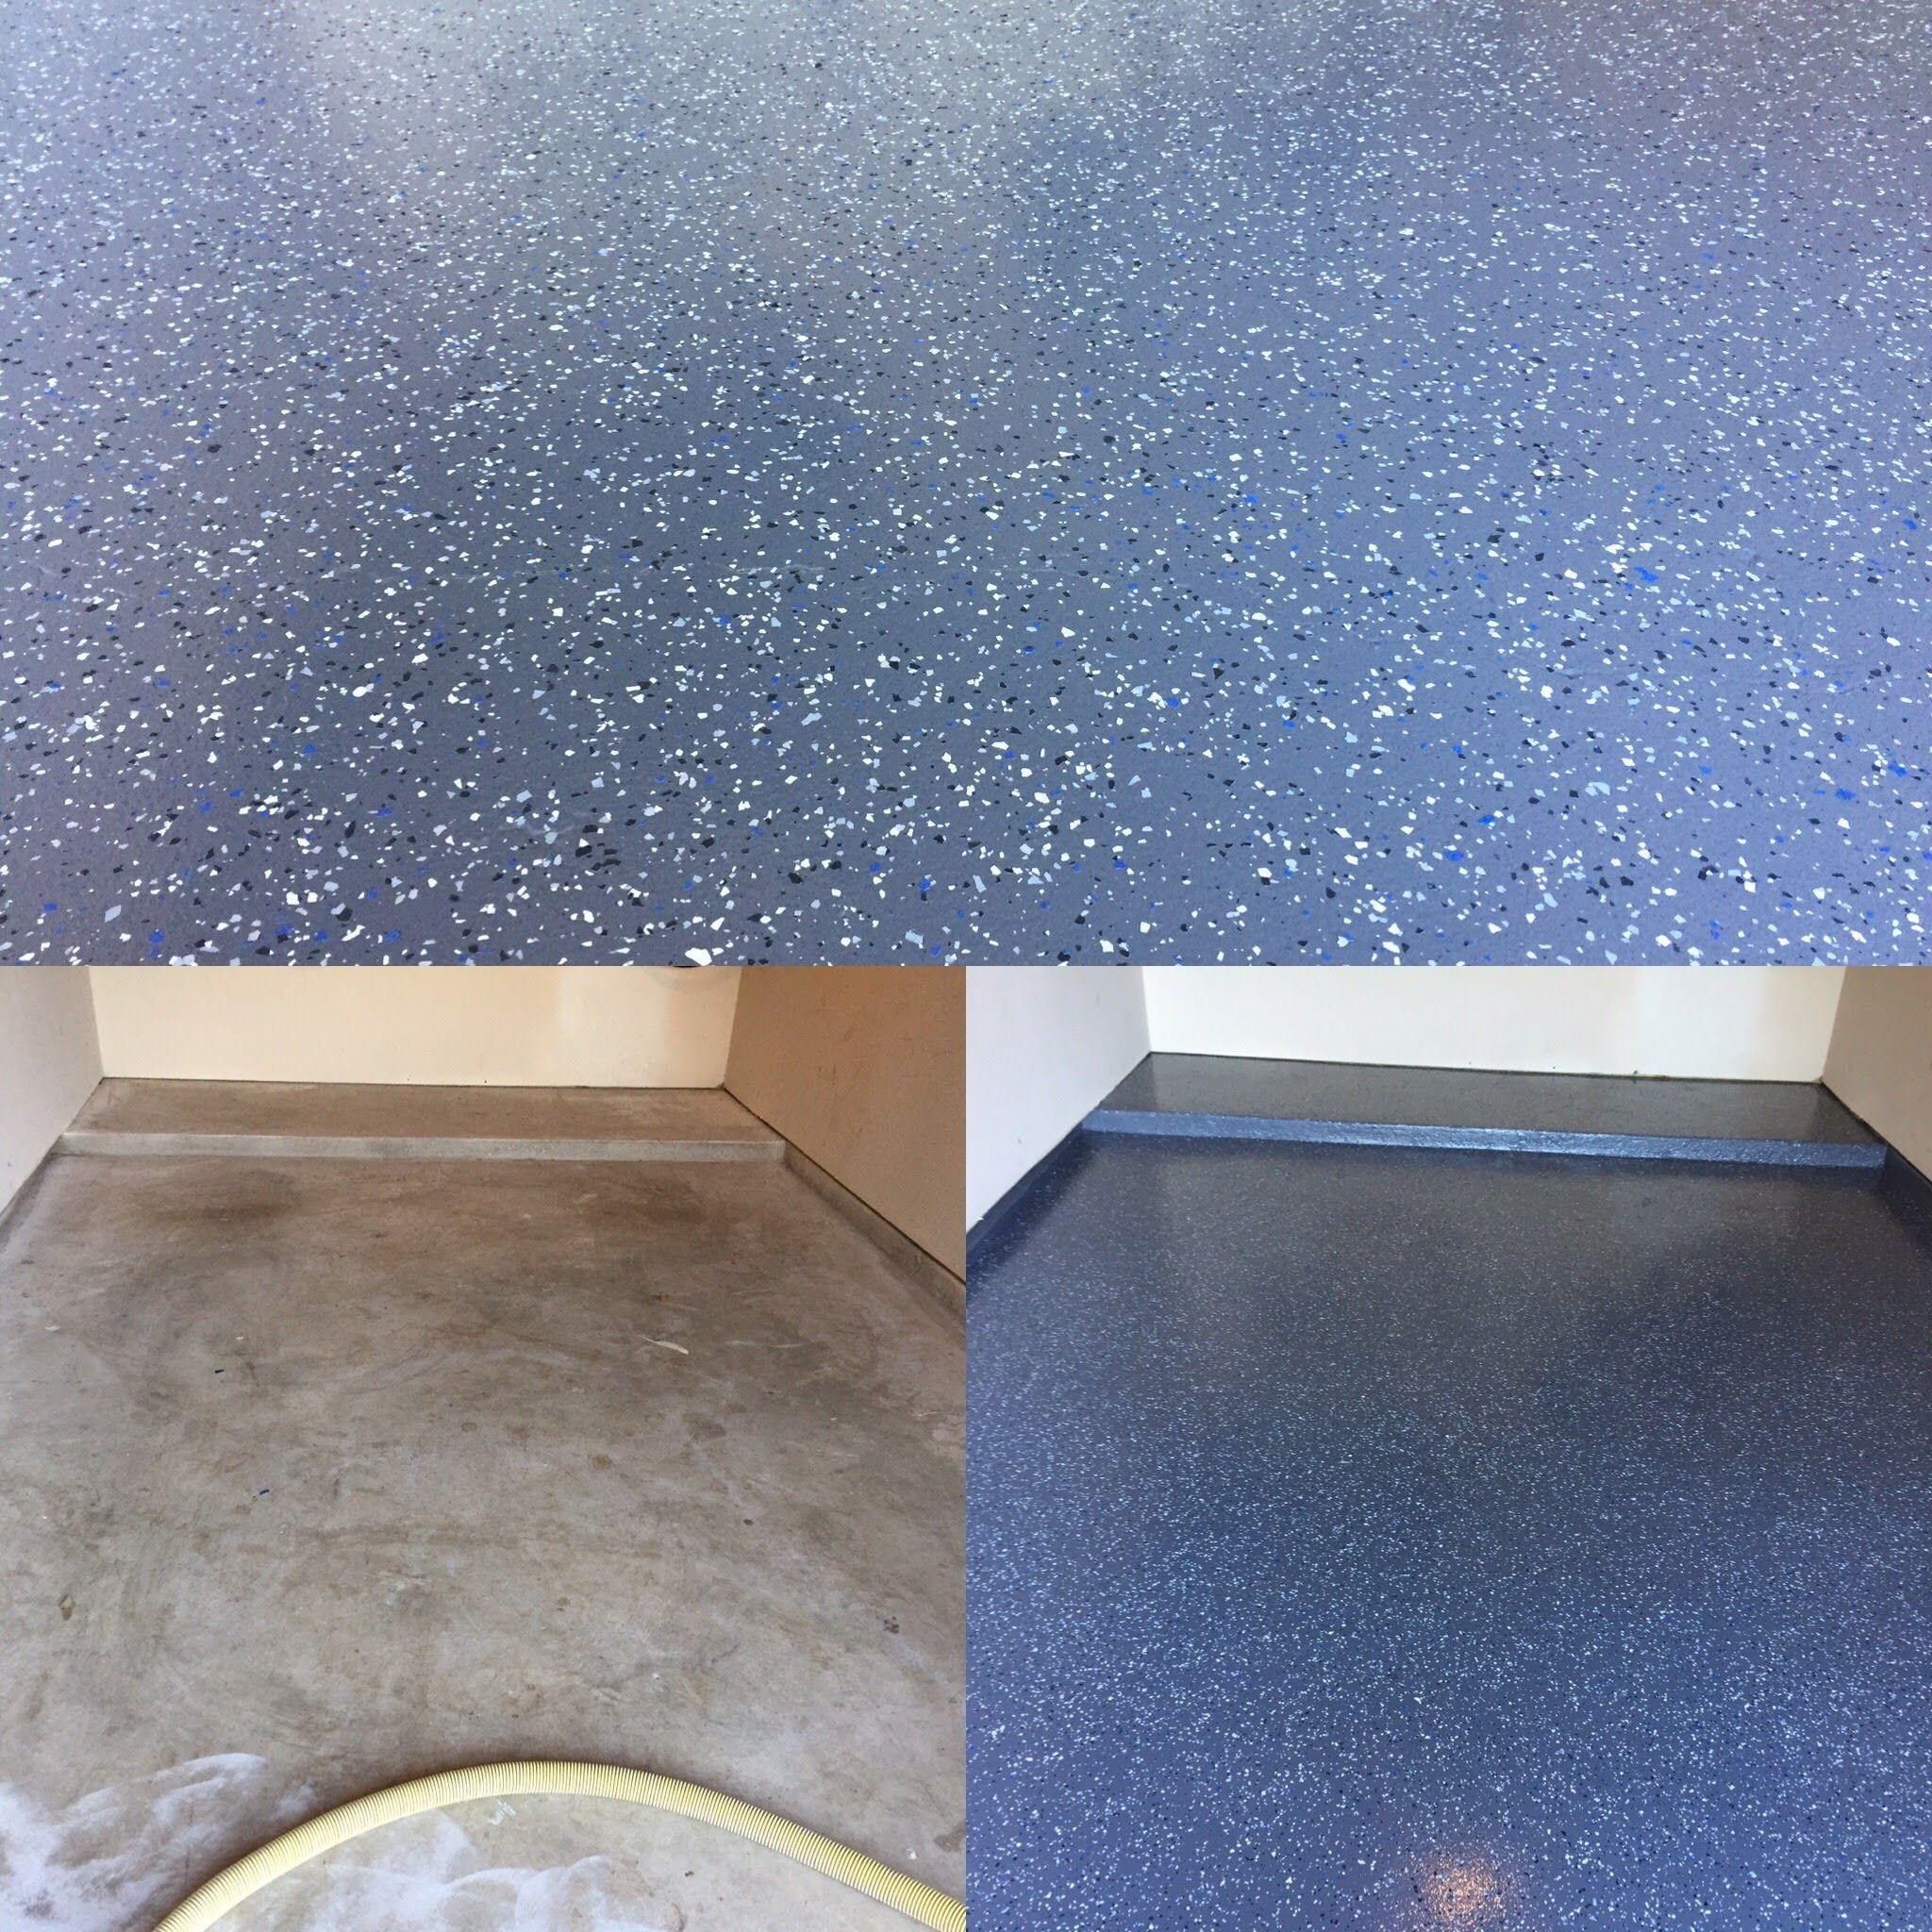 Garage Floor Coating, Epoxy Flake Coating, Patios